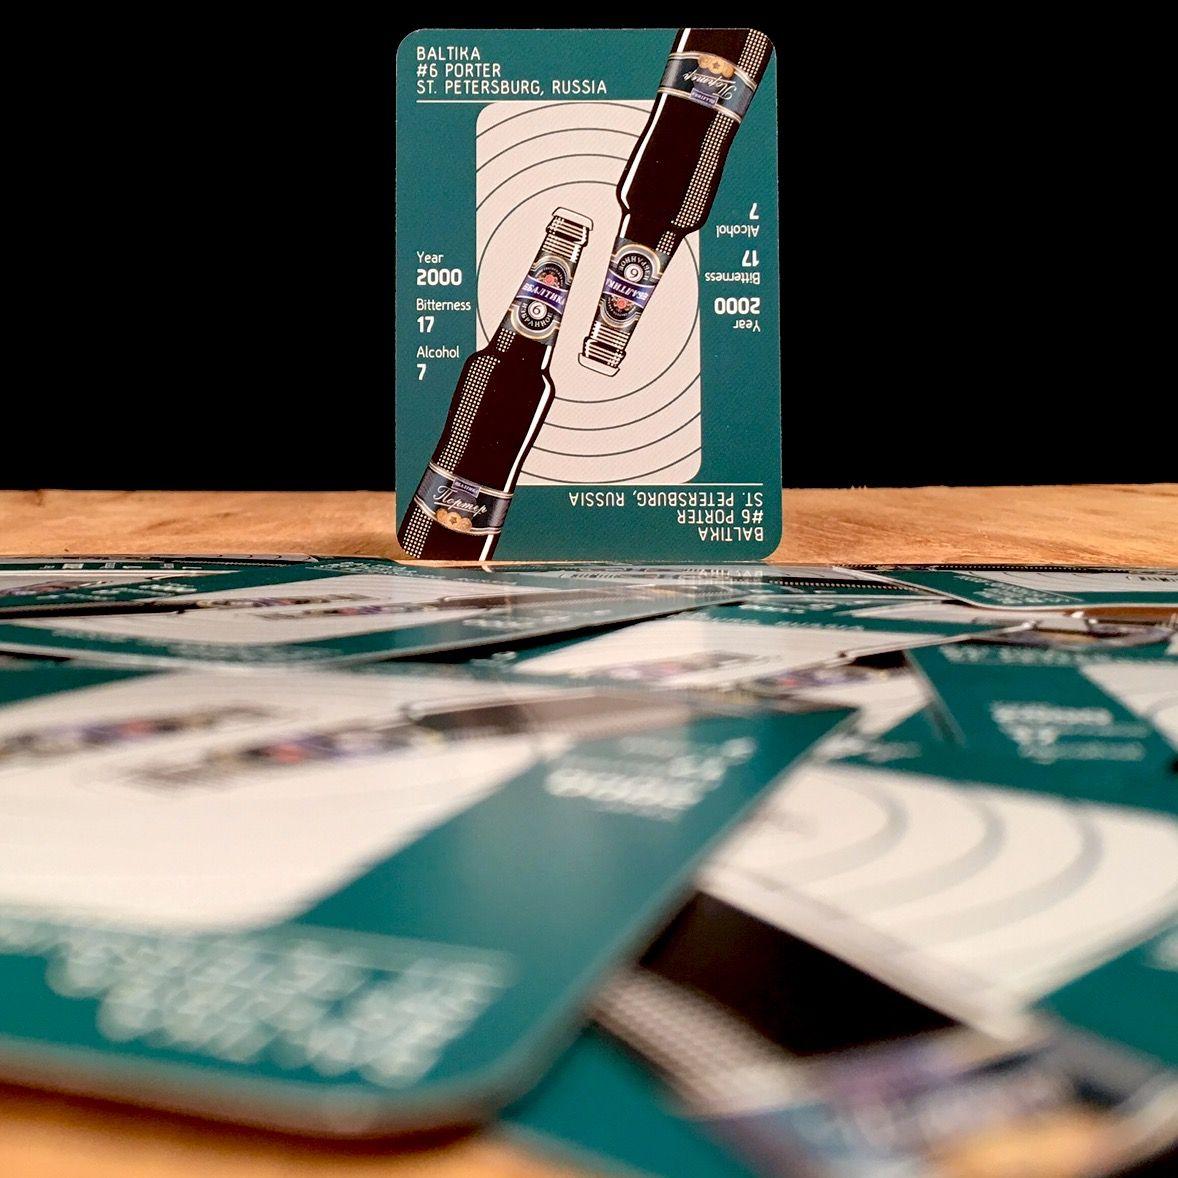 Hip Hops the beer card game Baltika 6 Porter. St